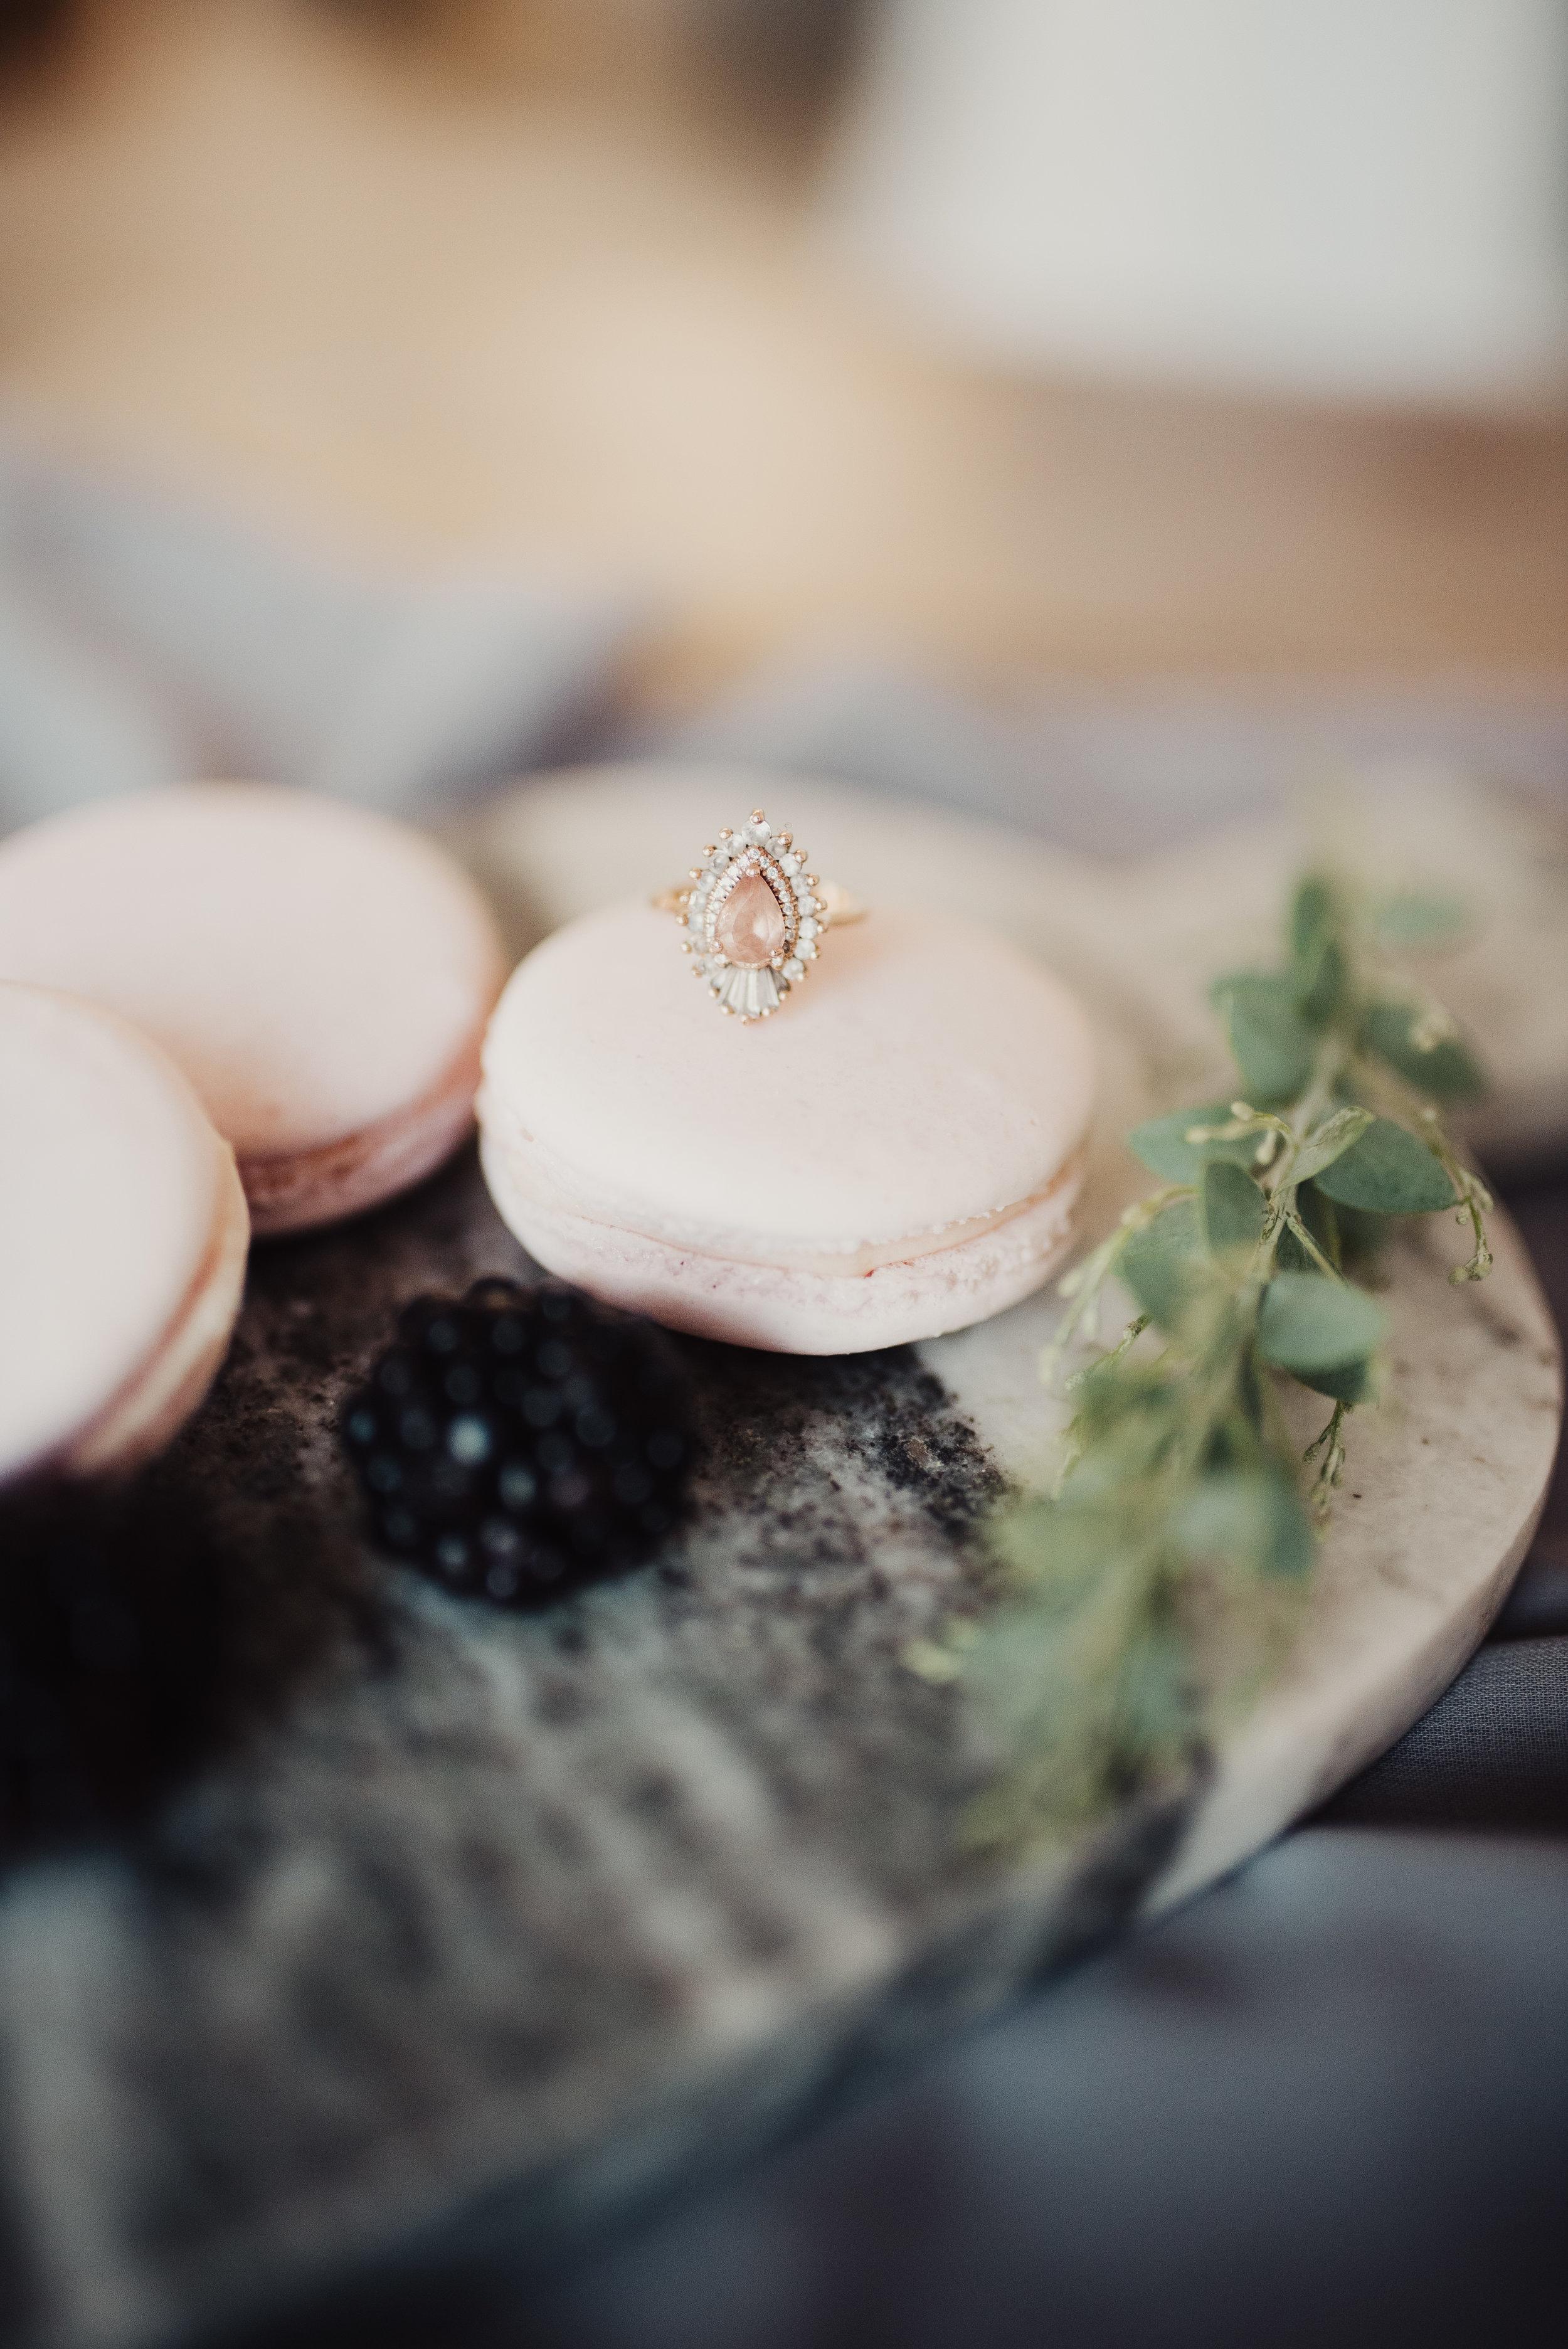 heidi-gibson-wedding-ring-macaroon.jpg